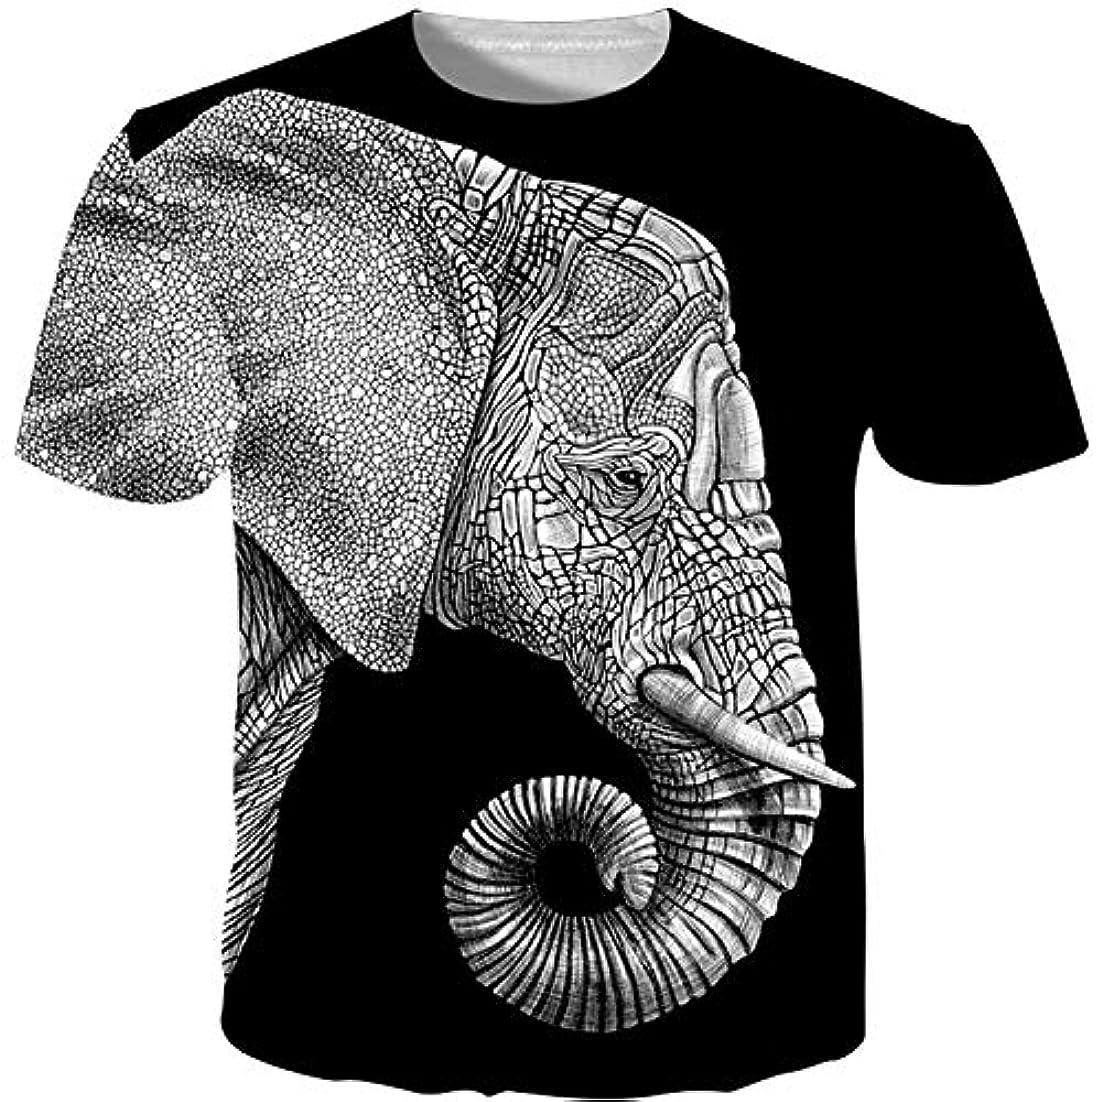 ペパーミント嫌がる略すTシャツ メンズ 半袖 創意デザイン 象柄 3Dプリントトップス ゆったり スポーツ 日常用 男女兼用 夏服 大きなサイズ